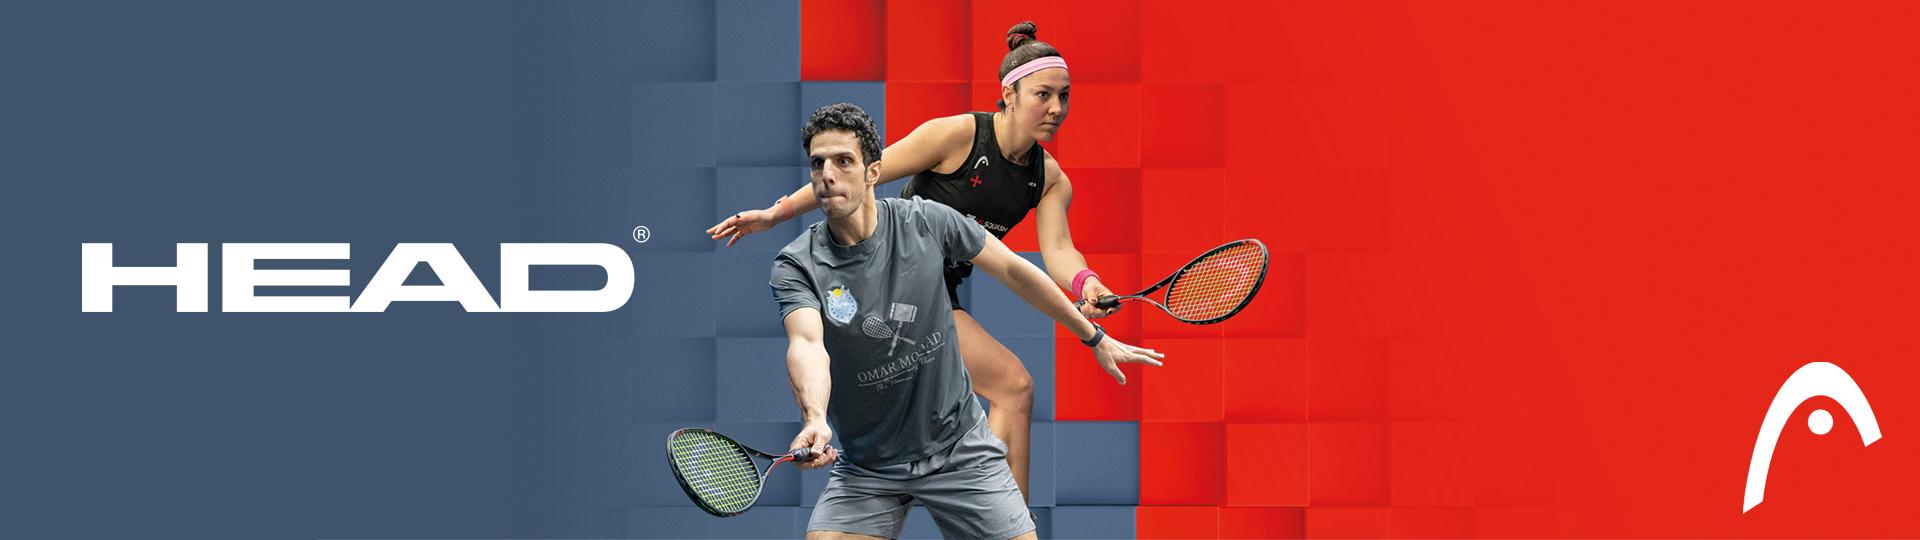 2021-head-squash-racquets-brand-banner.jpg